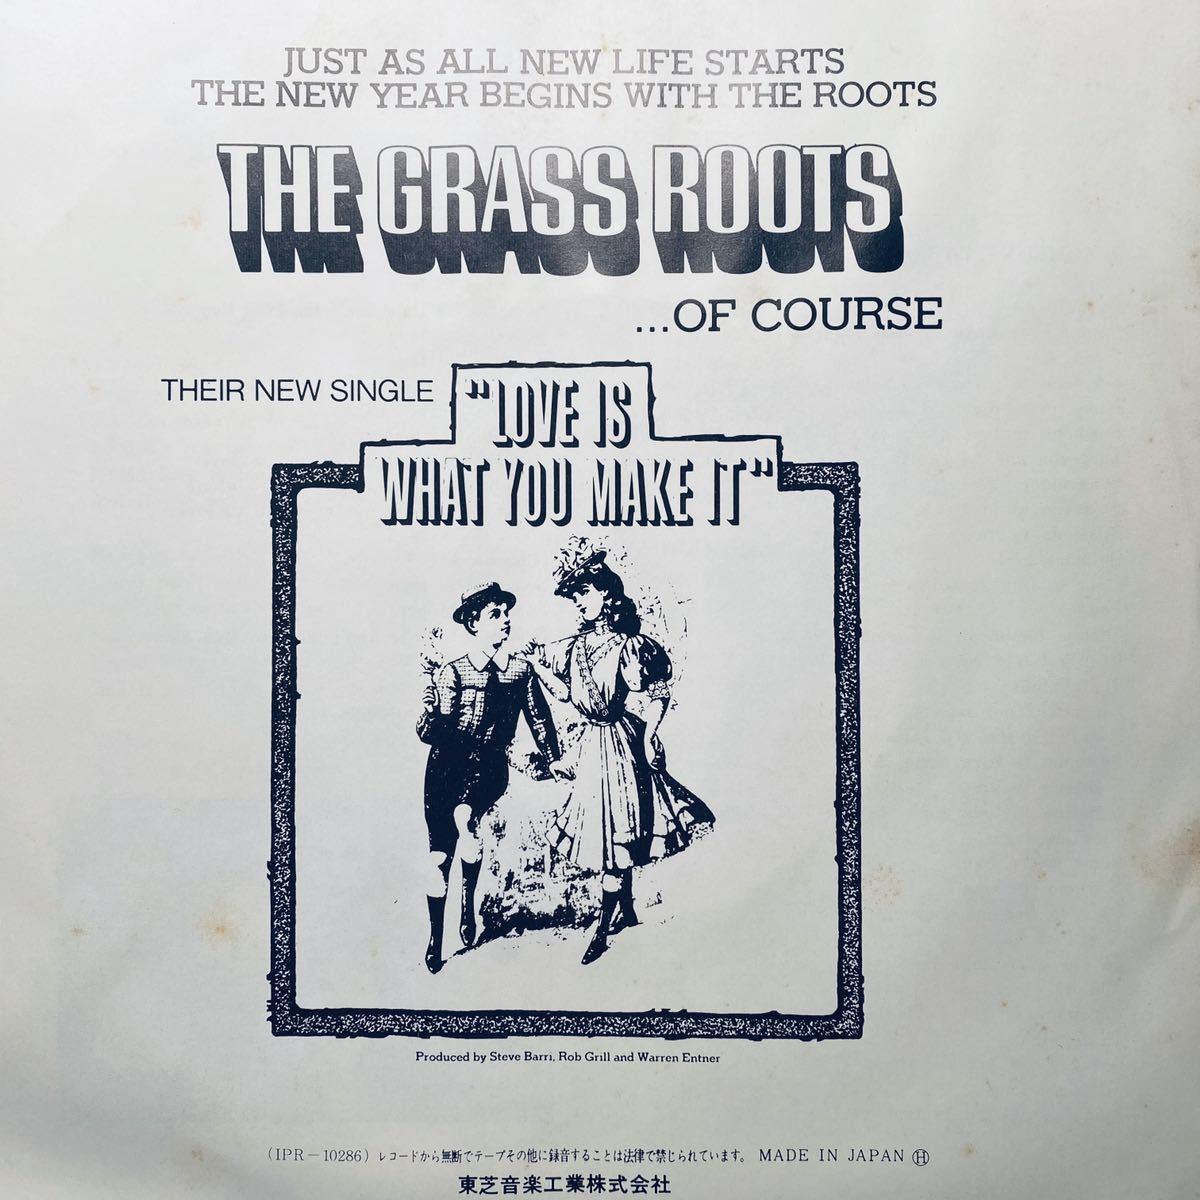 EP / グラス・ルーツ 恋に乾杯! / 国内見本盤白ラベル 赤盤 プロモ 非売品 THE GRASS ROOTS_画像3